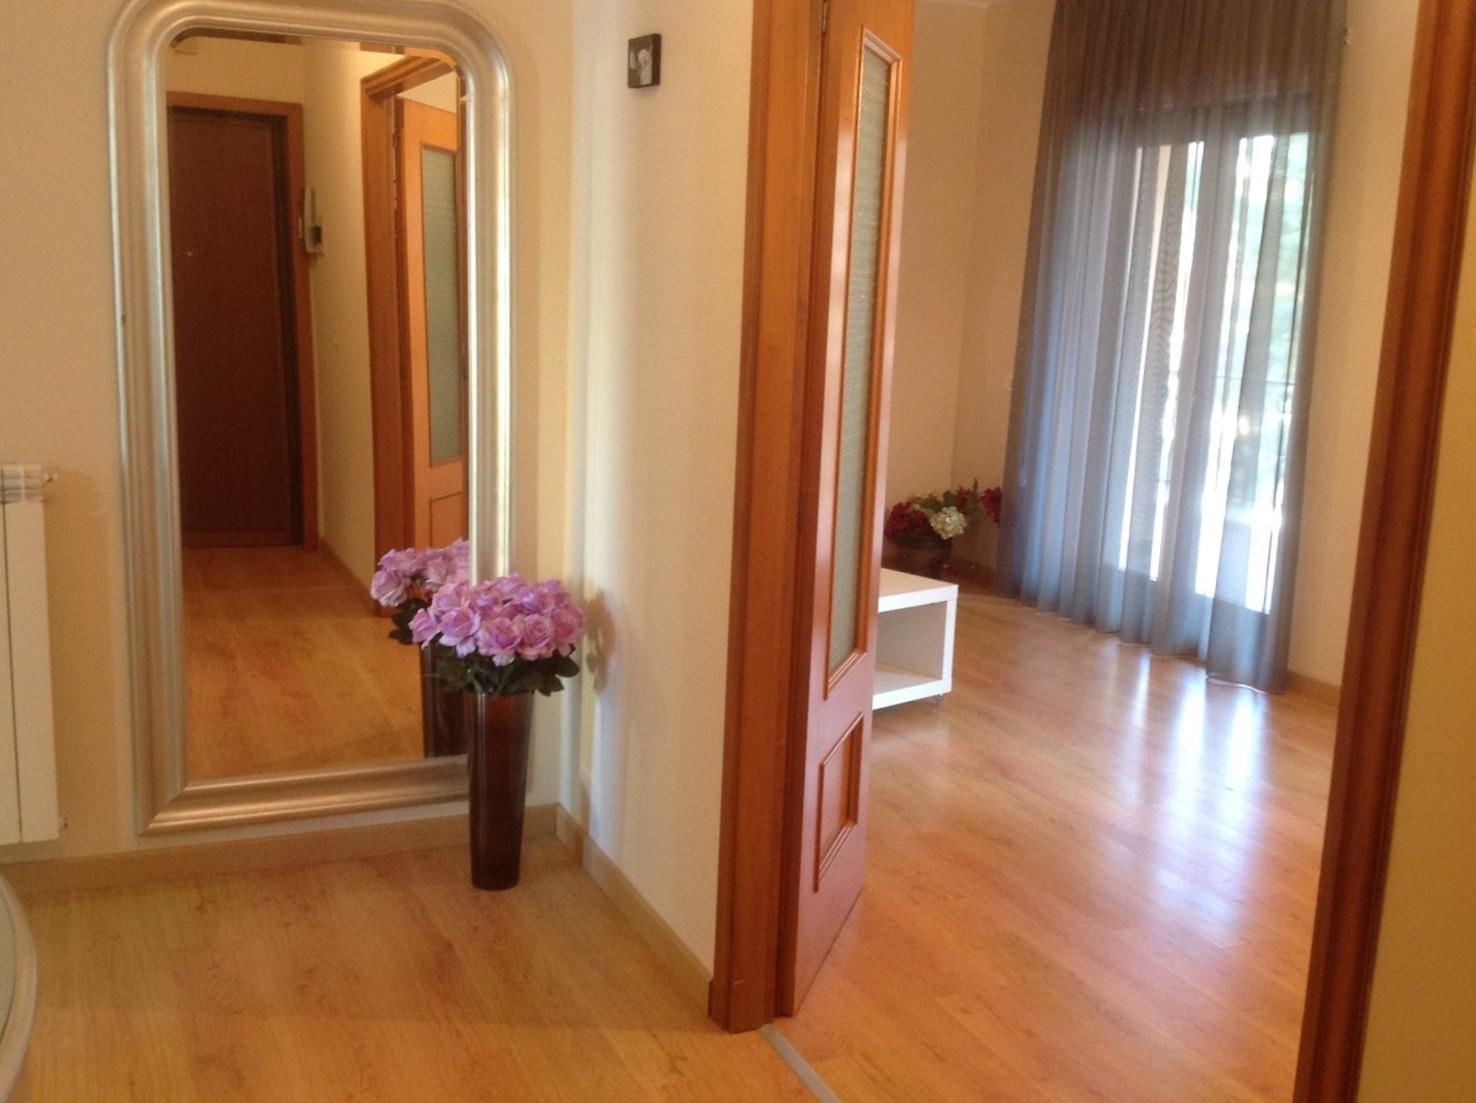 Immobiliare Vendita Appartamenti Case Isernia